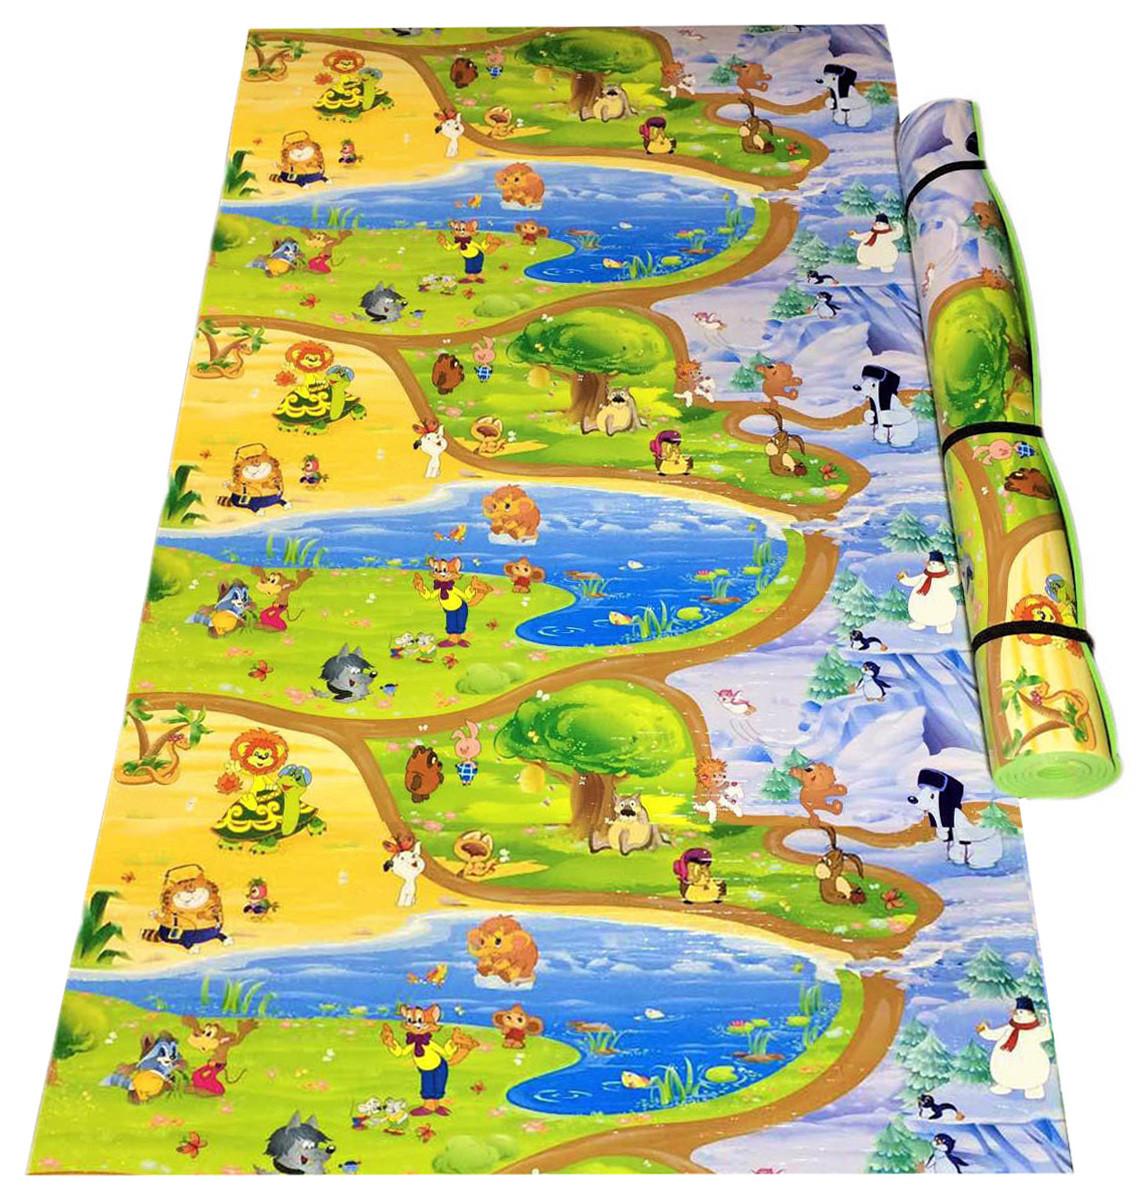 Детский игровой коврик «Винни-Пух и друзья» (Союзмультфильм) 2000х1200x8 мм